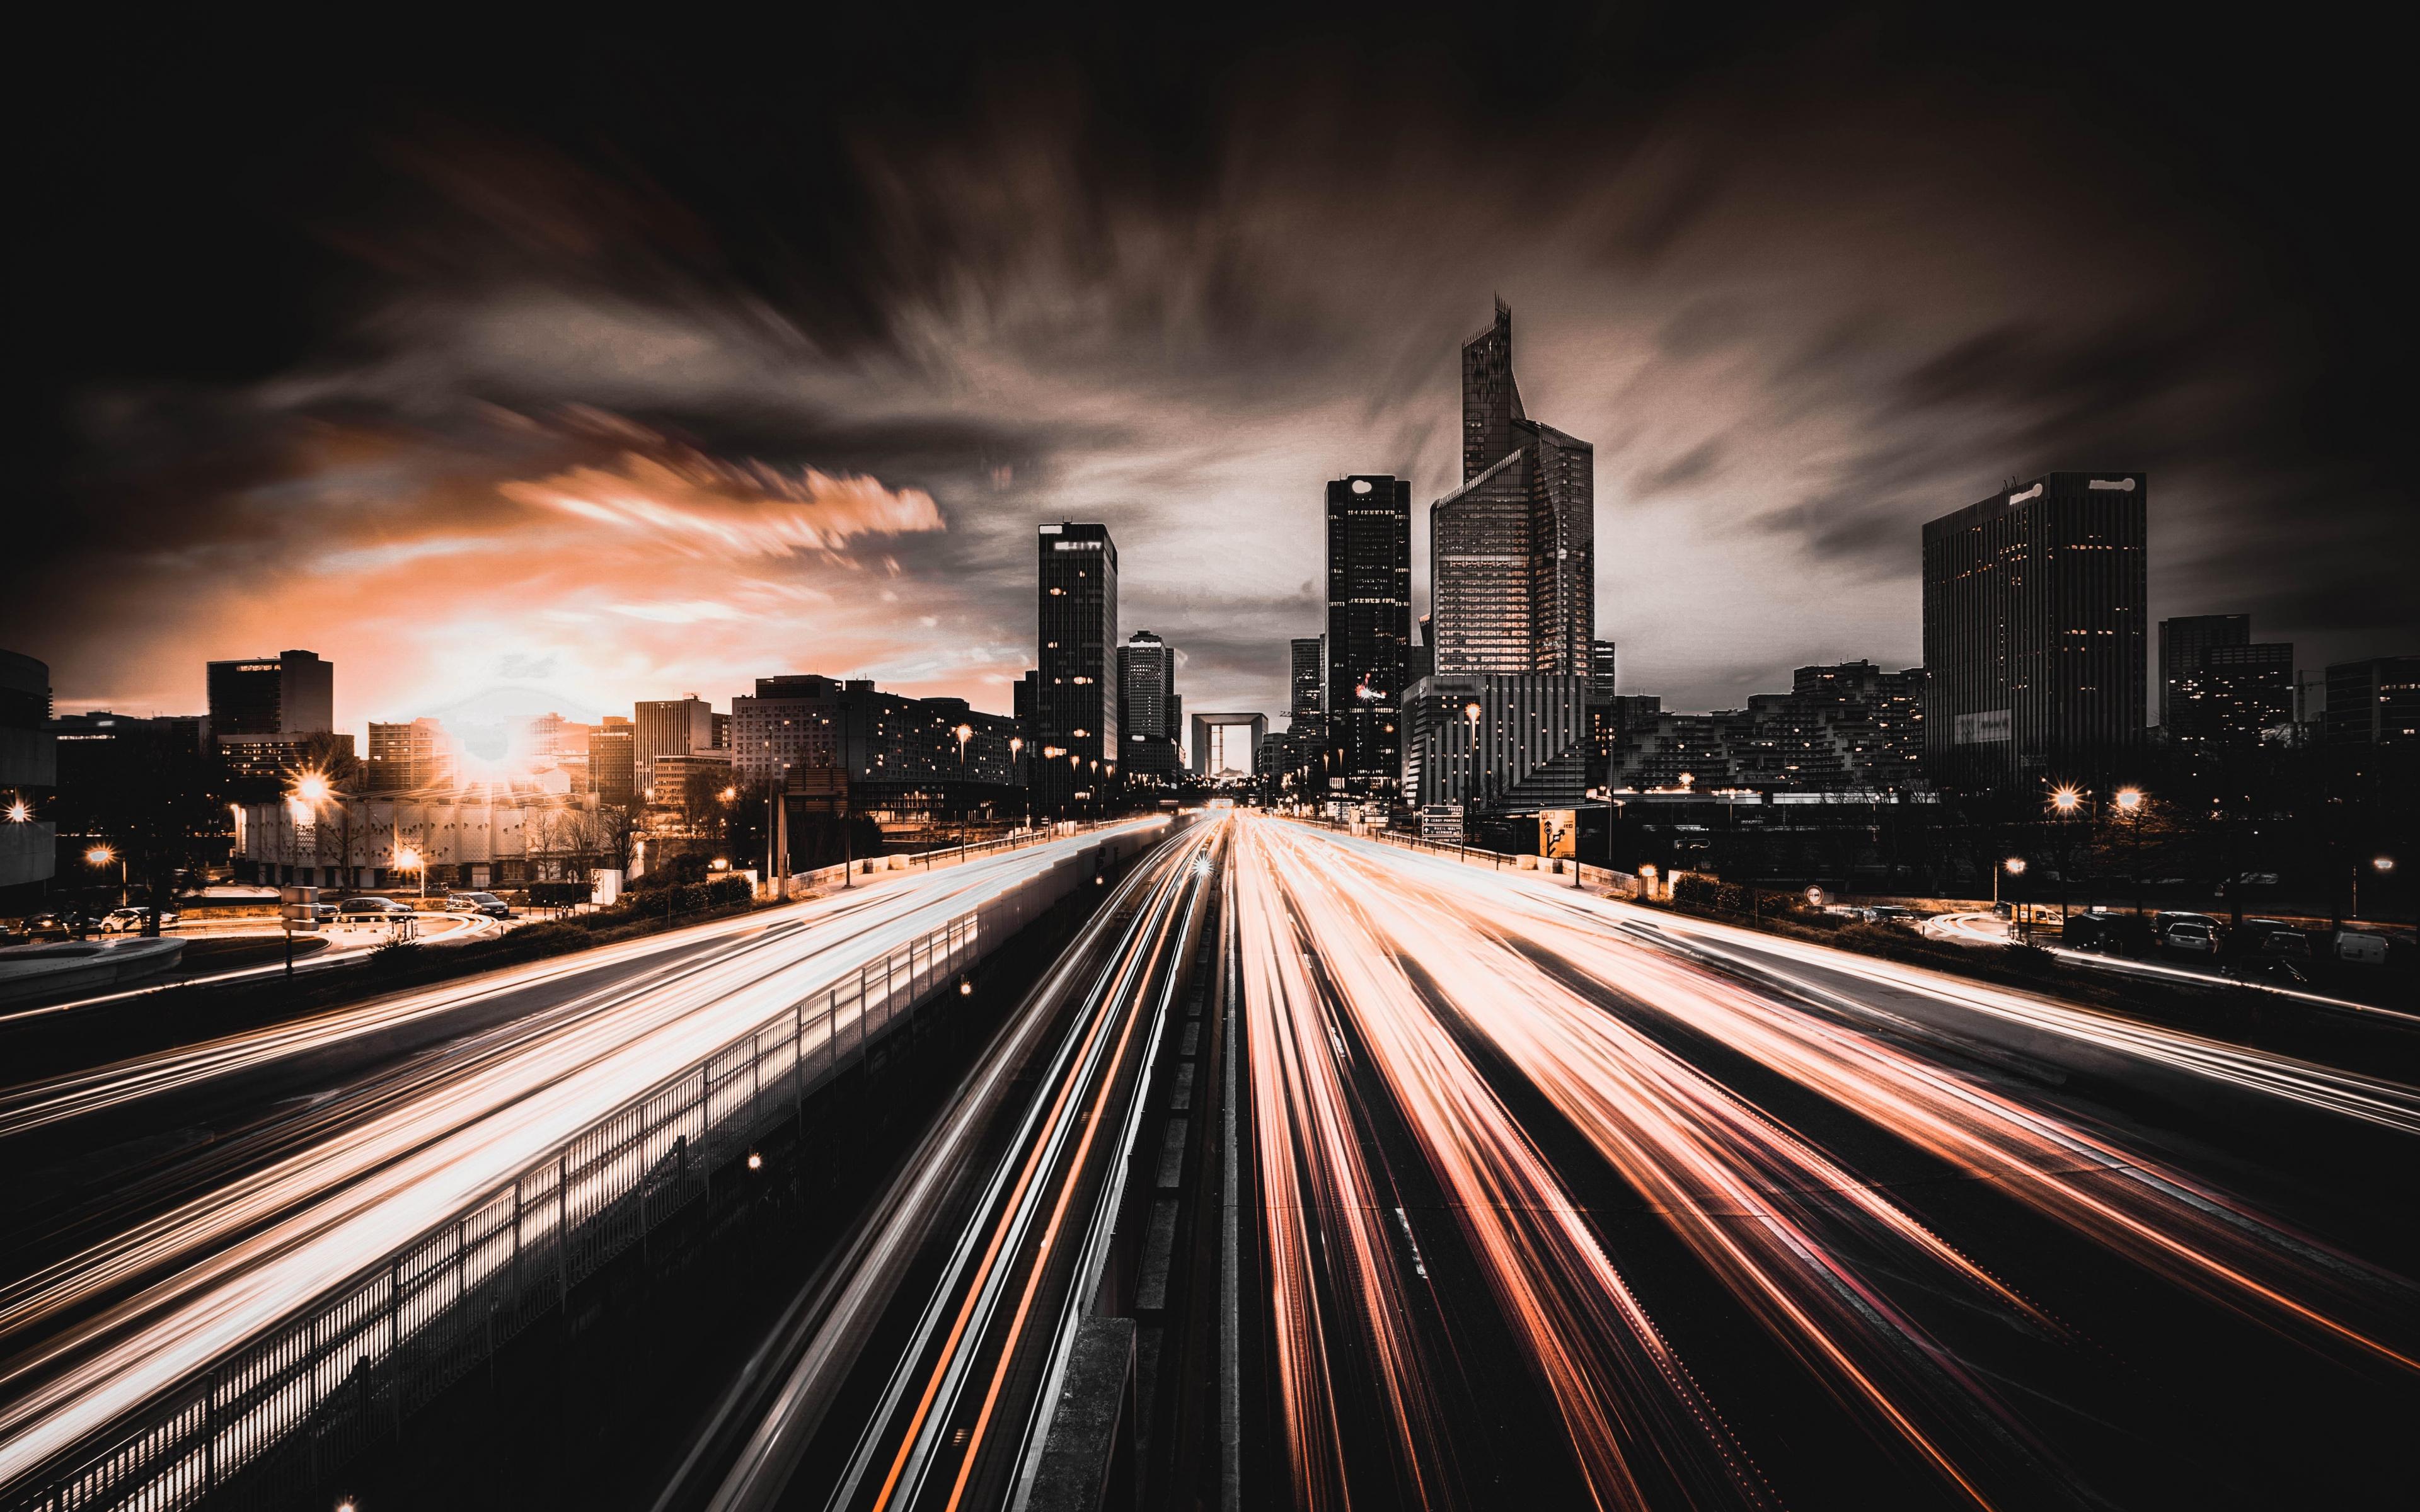 Download 3840x2400 wallpaper city night traffic lights - Night light city wallpaper ...